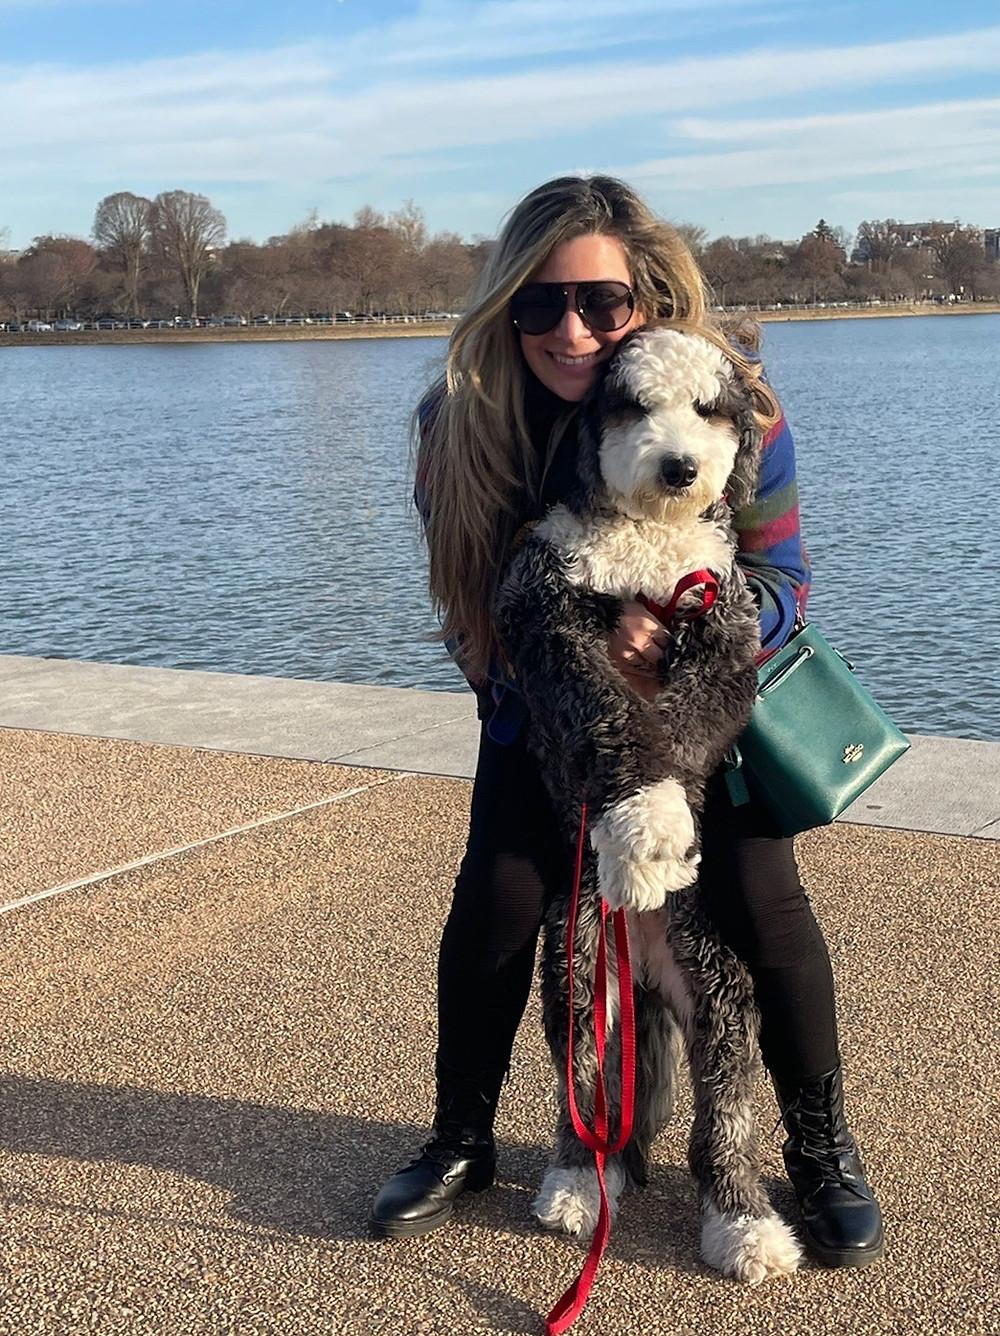 Maya Panda y Lana practicando senderismo en Washington, D.C.